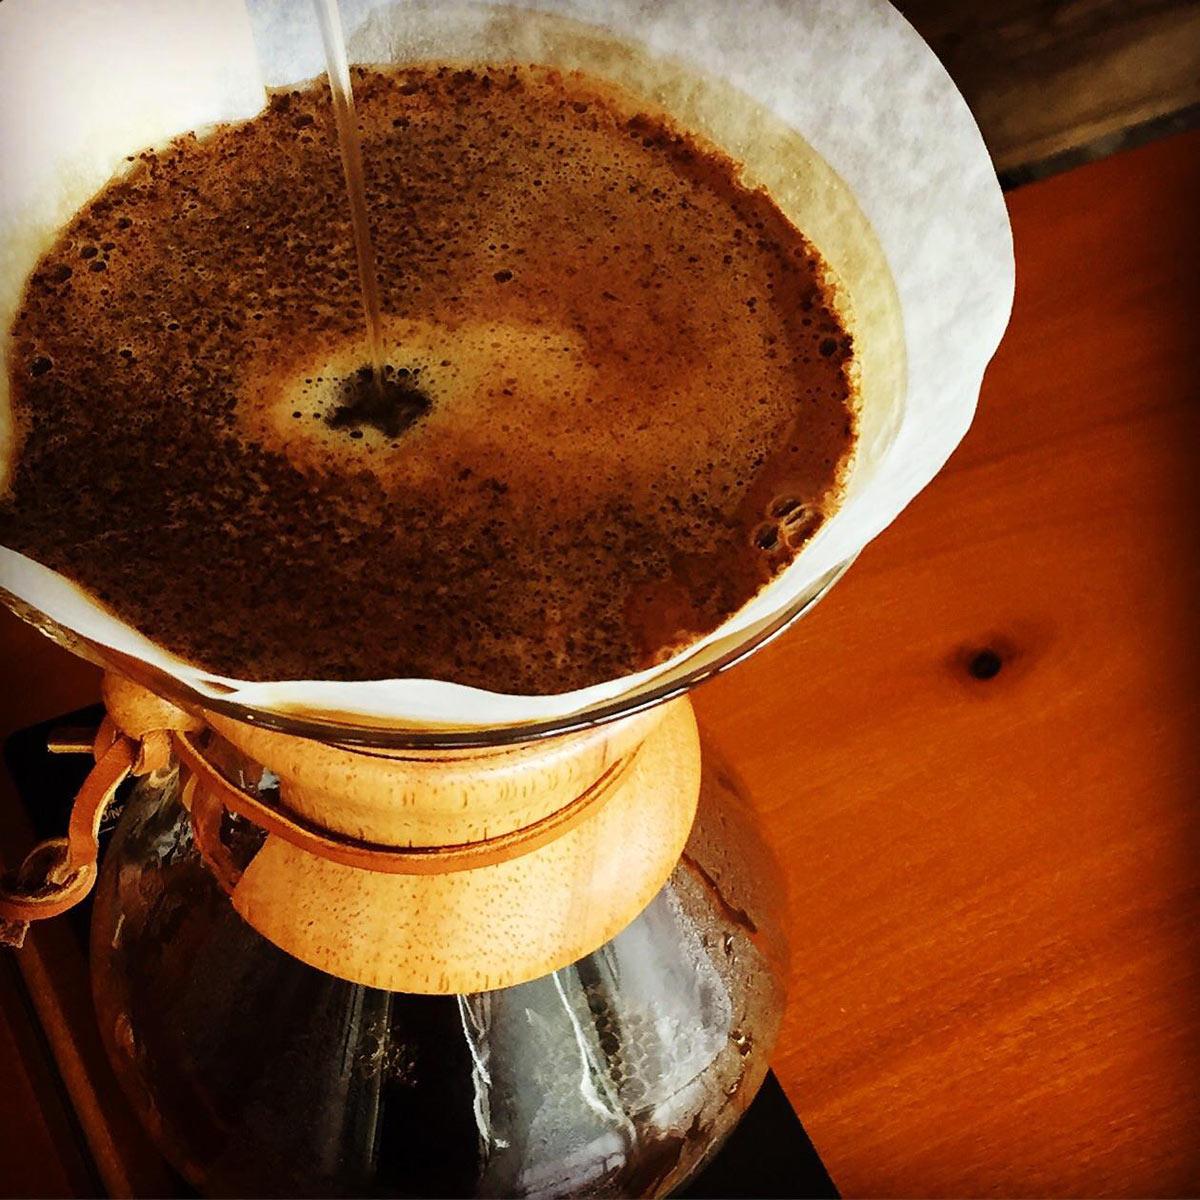 Chemex slow coffee